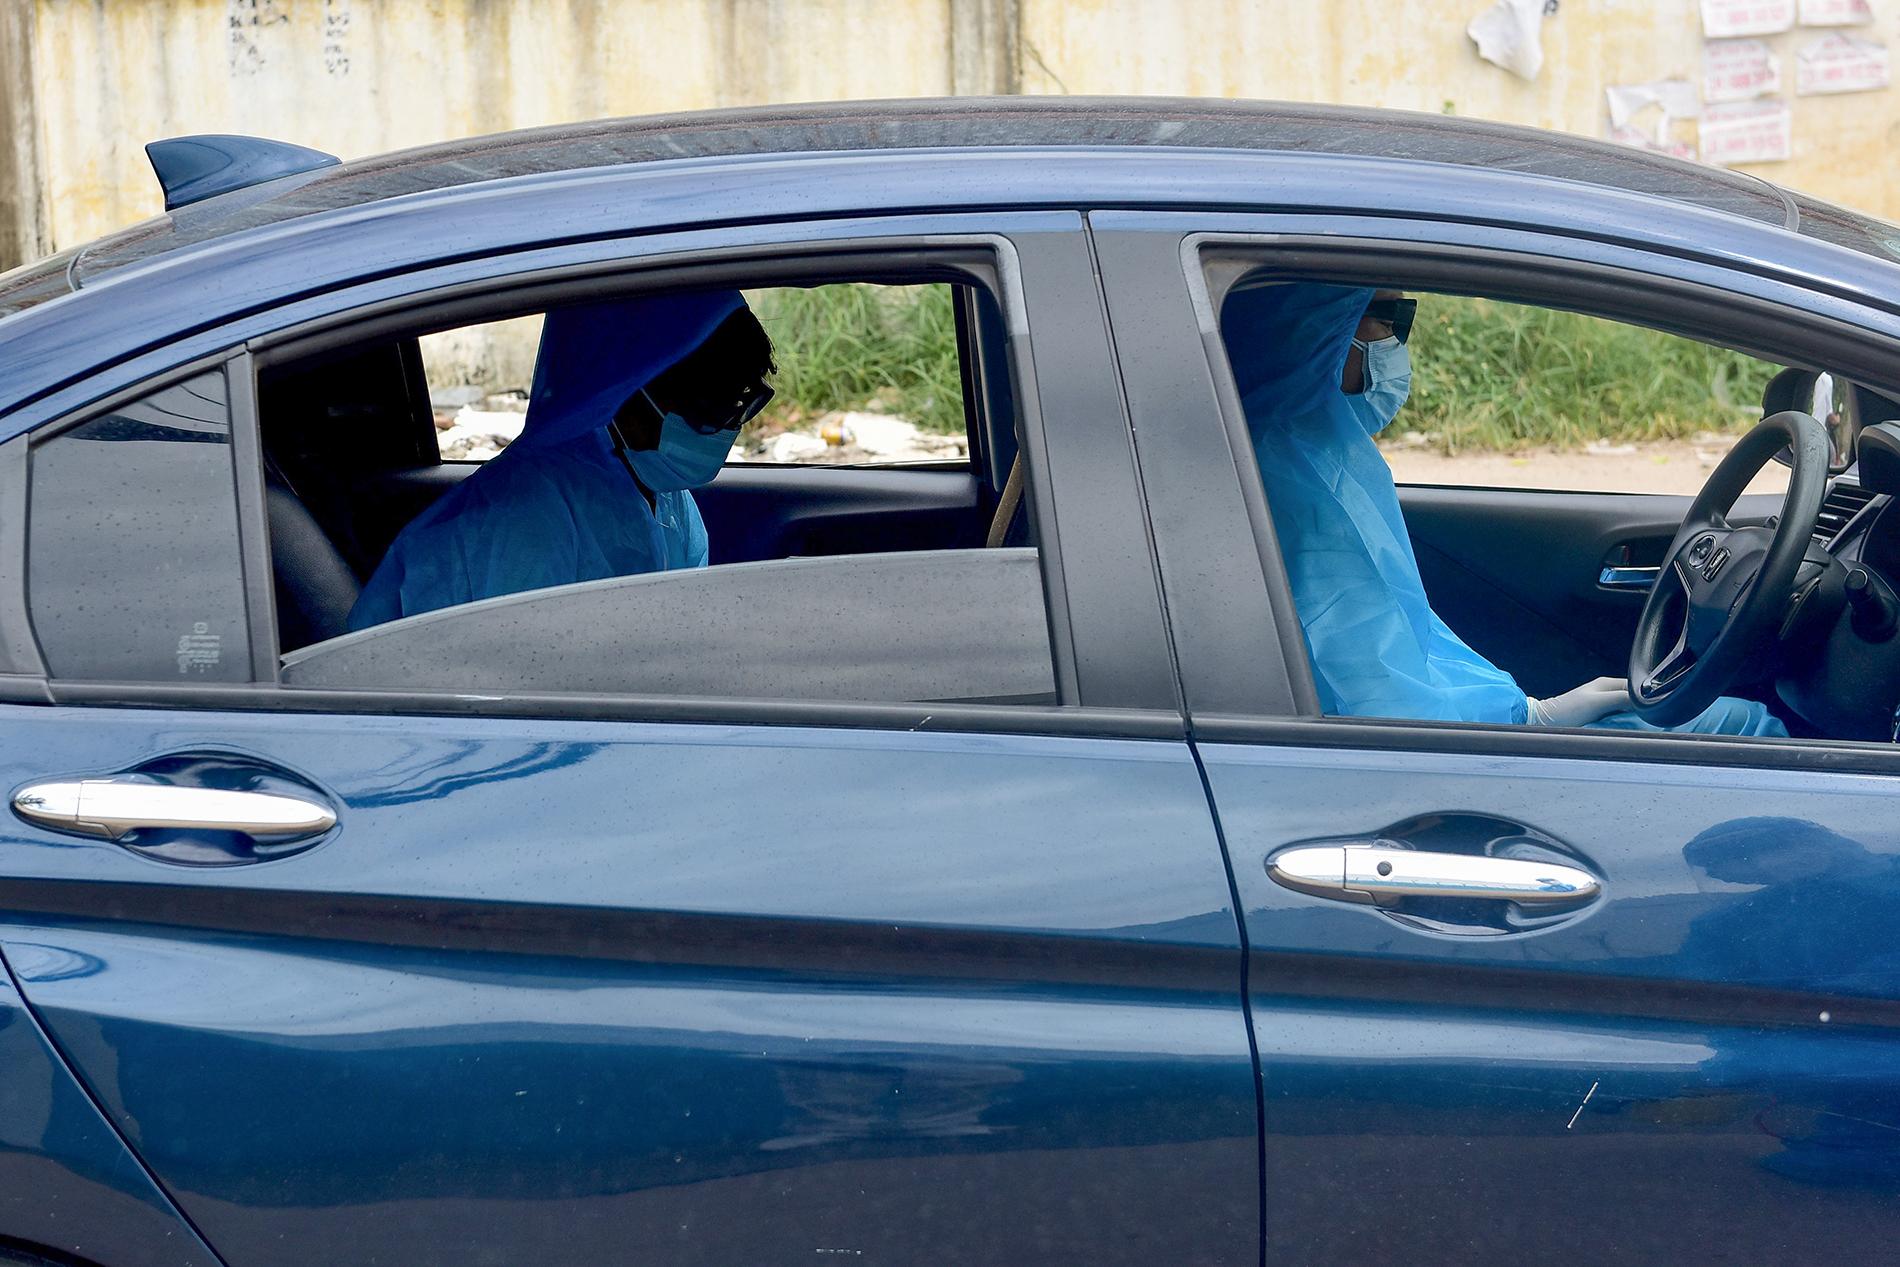 TP.HCM: Người đàn ông đi mua gạo dương tính SARS-CoV-2 khi test nhanh COVID-19 bên đường - 10